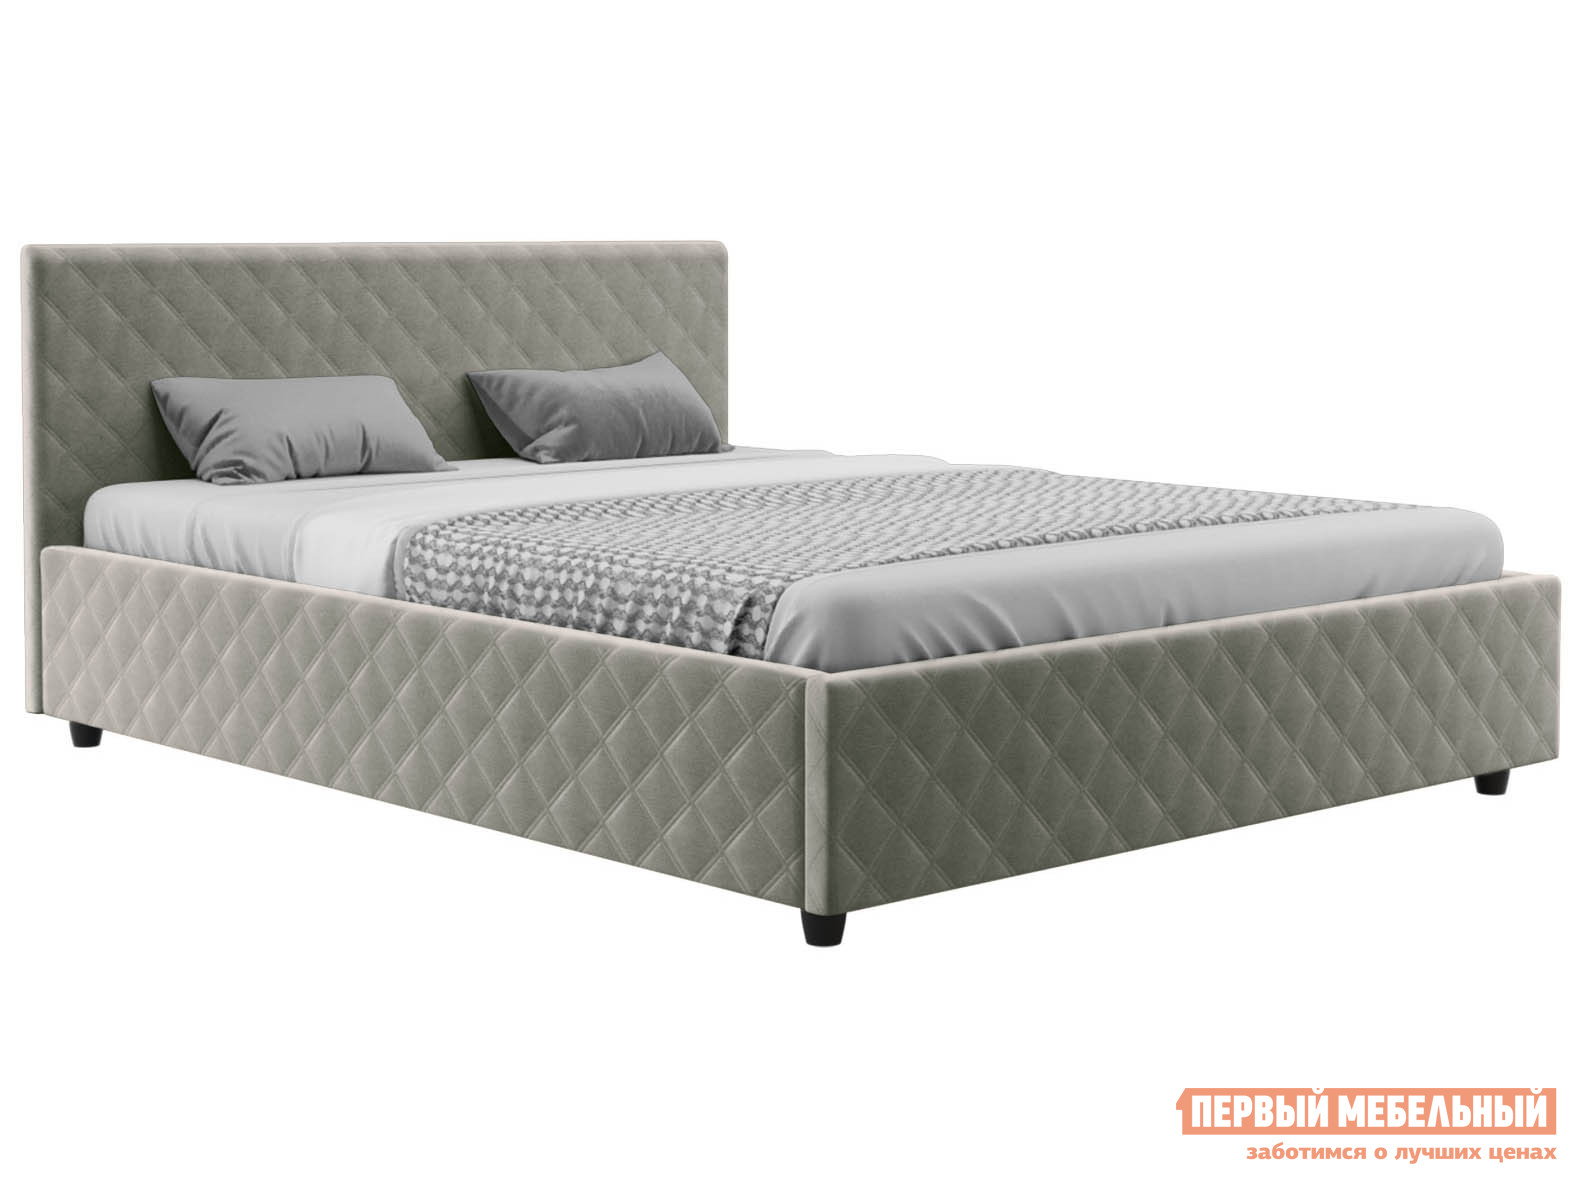 Двуспальная кровать  Франк ПМ Бежевый, велюр, 180х200 см